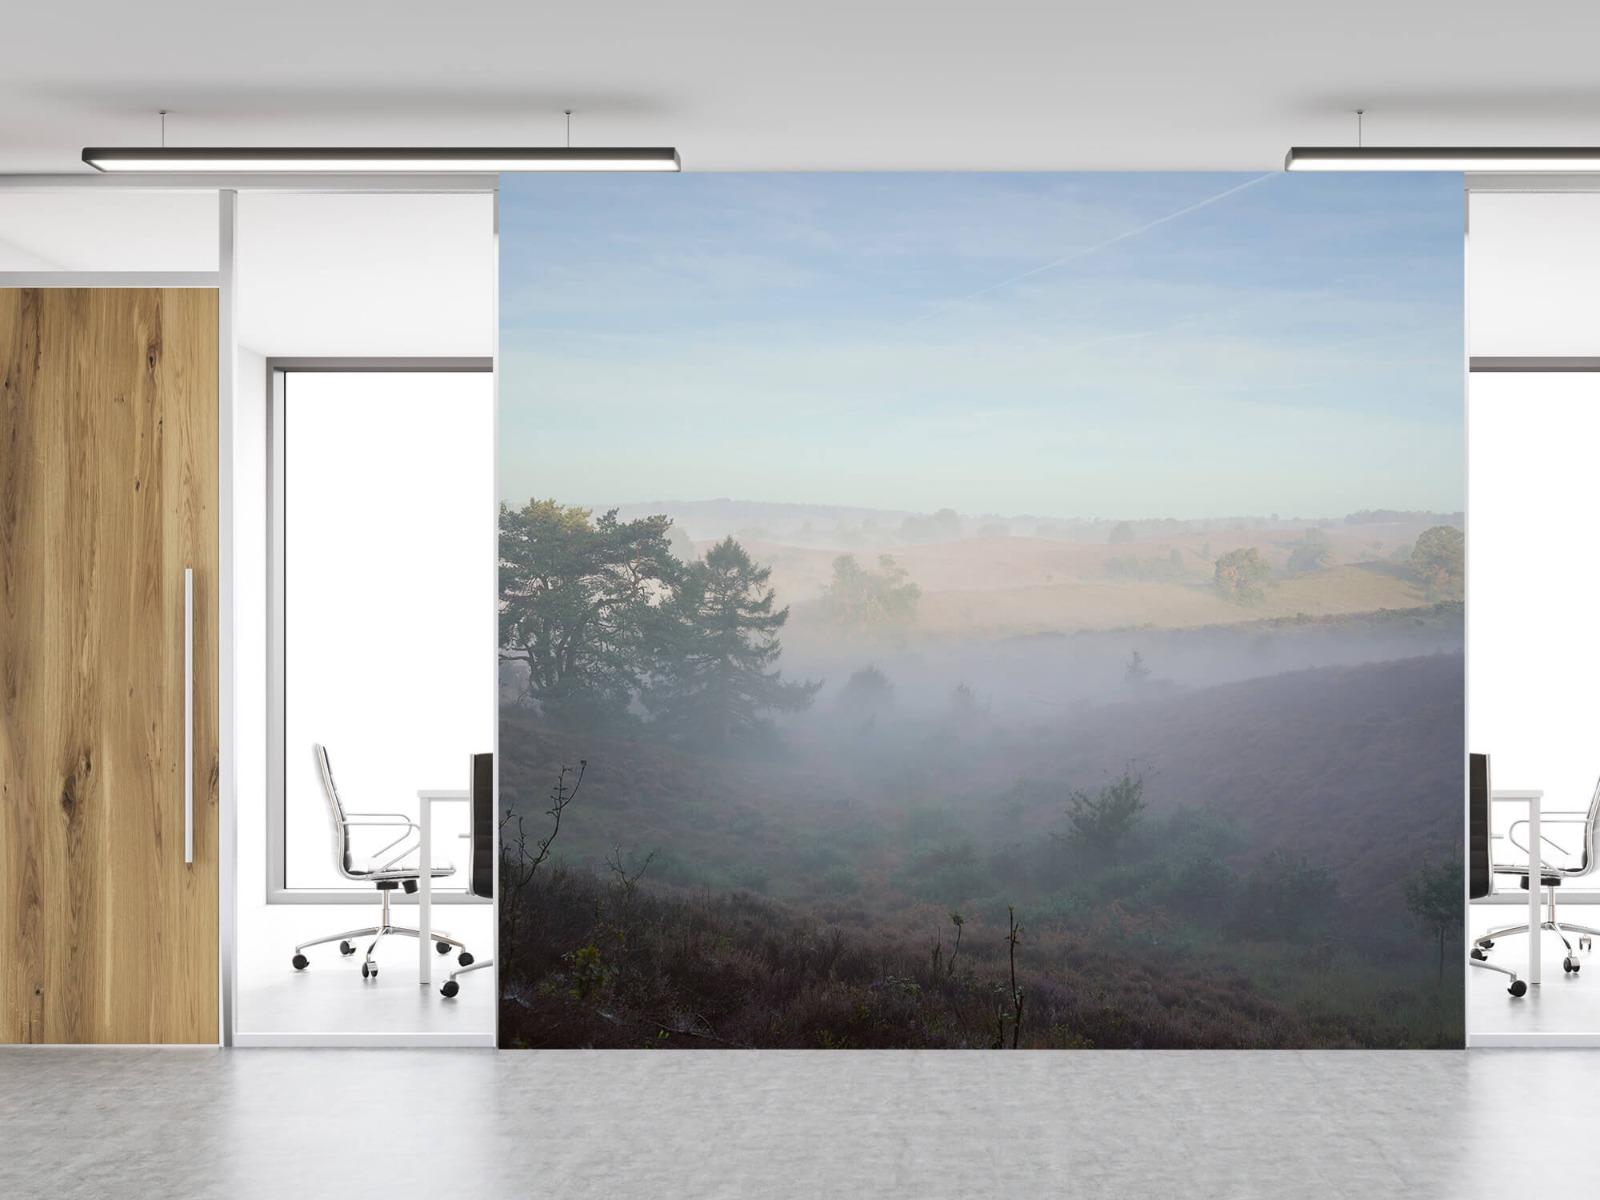 Landschap - Mist op de hei - Slaapkamer 11